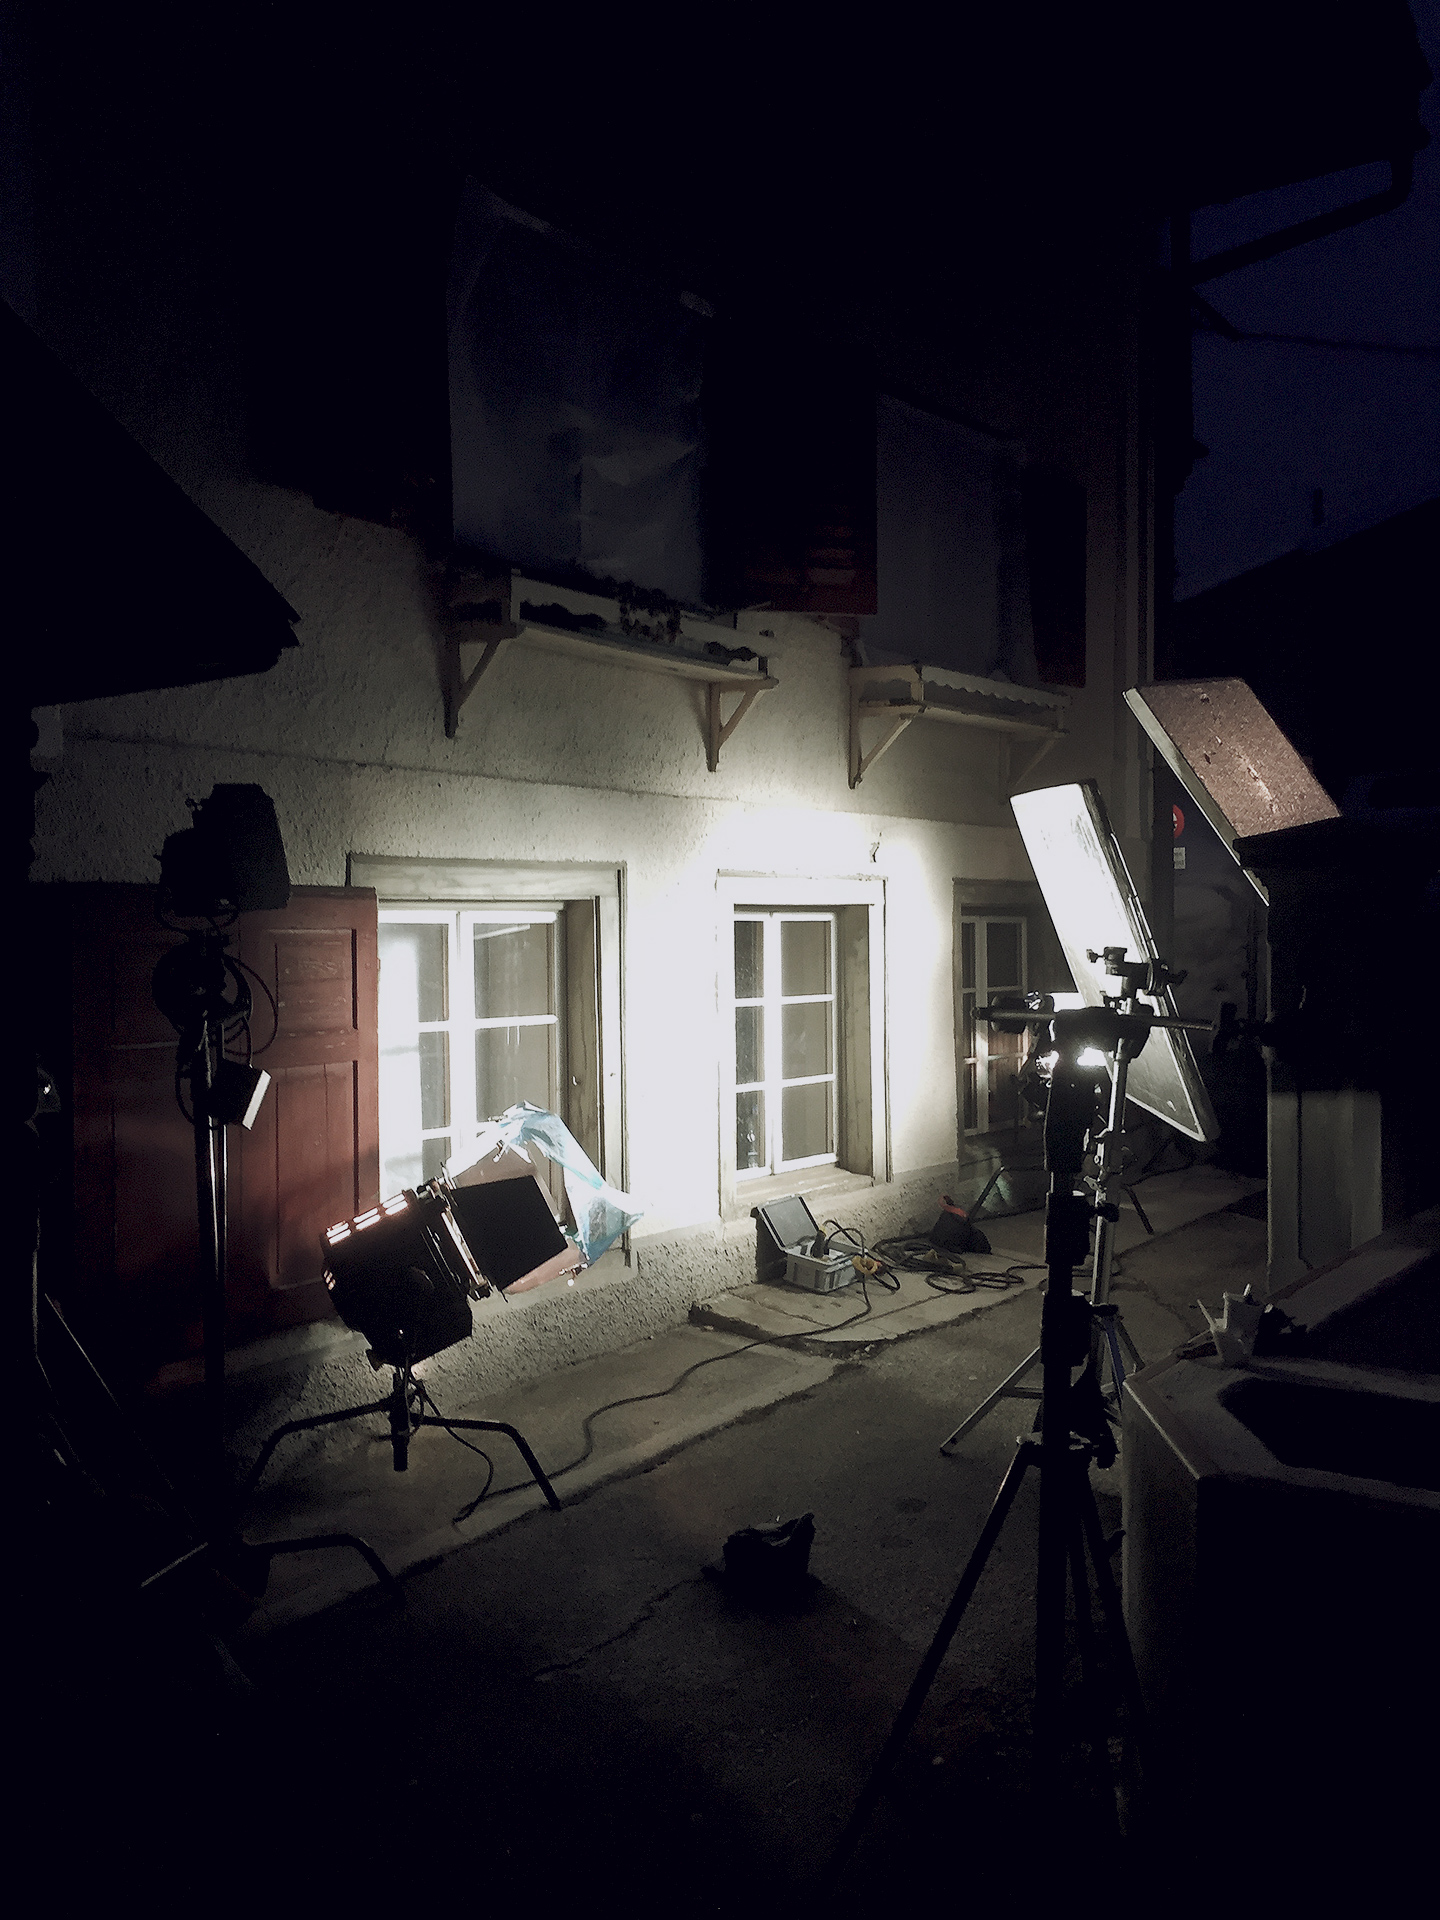 schaecher-film-behindthescenes.jpg